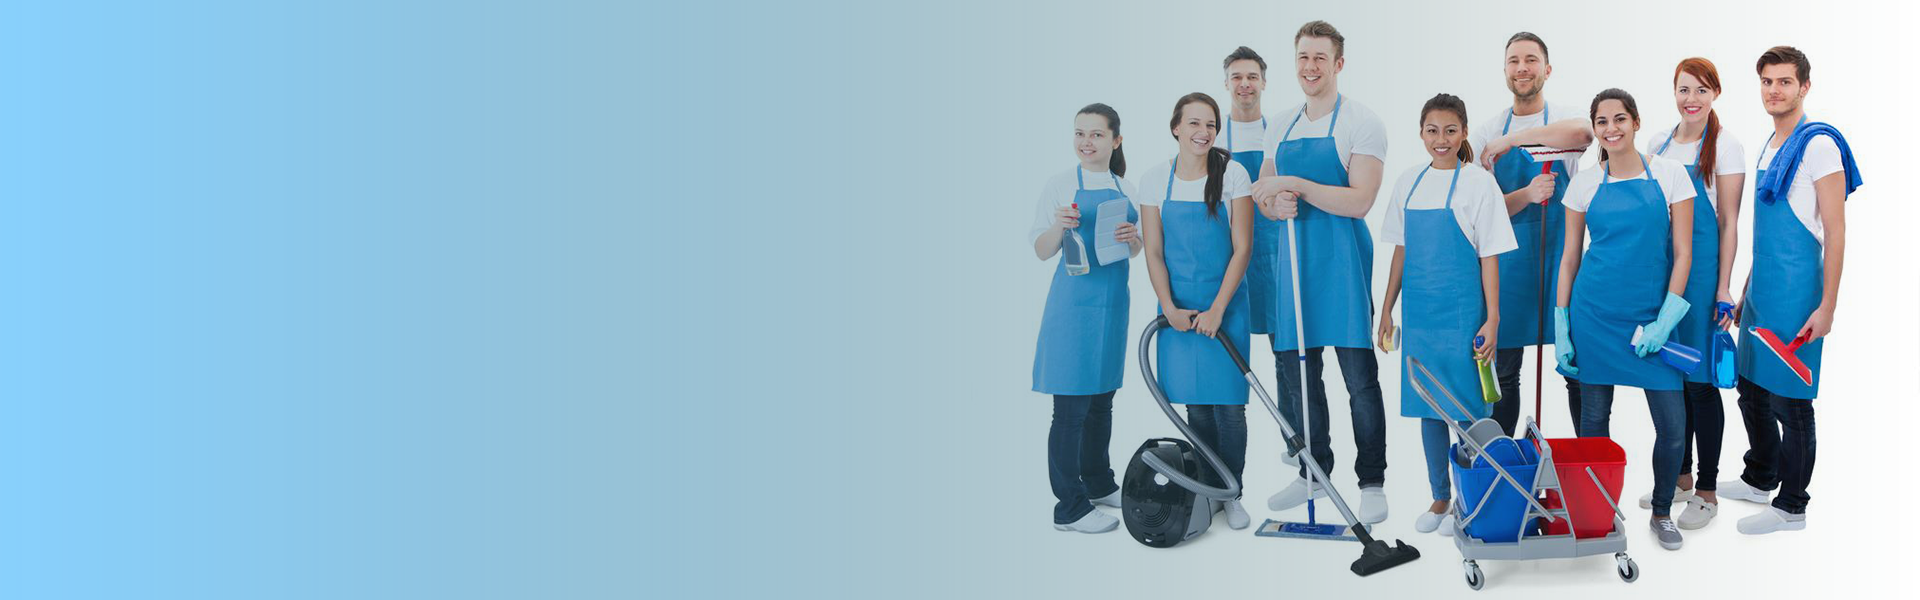 Ataşehir Temizlik Şirketi